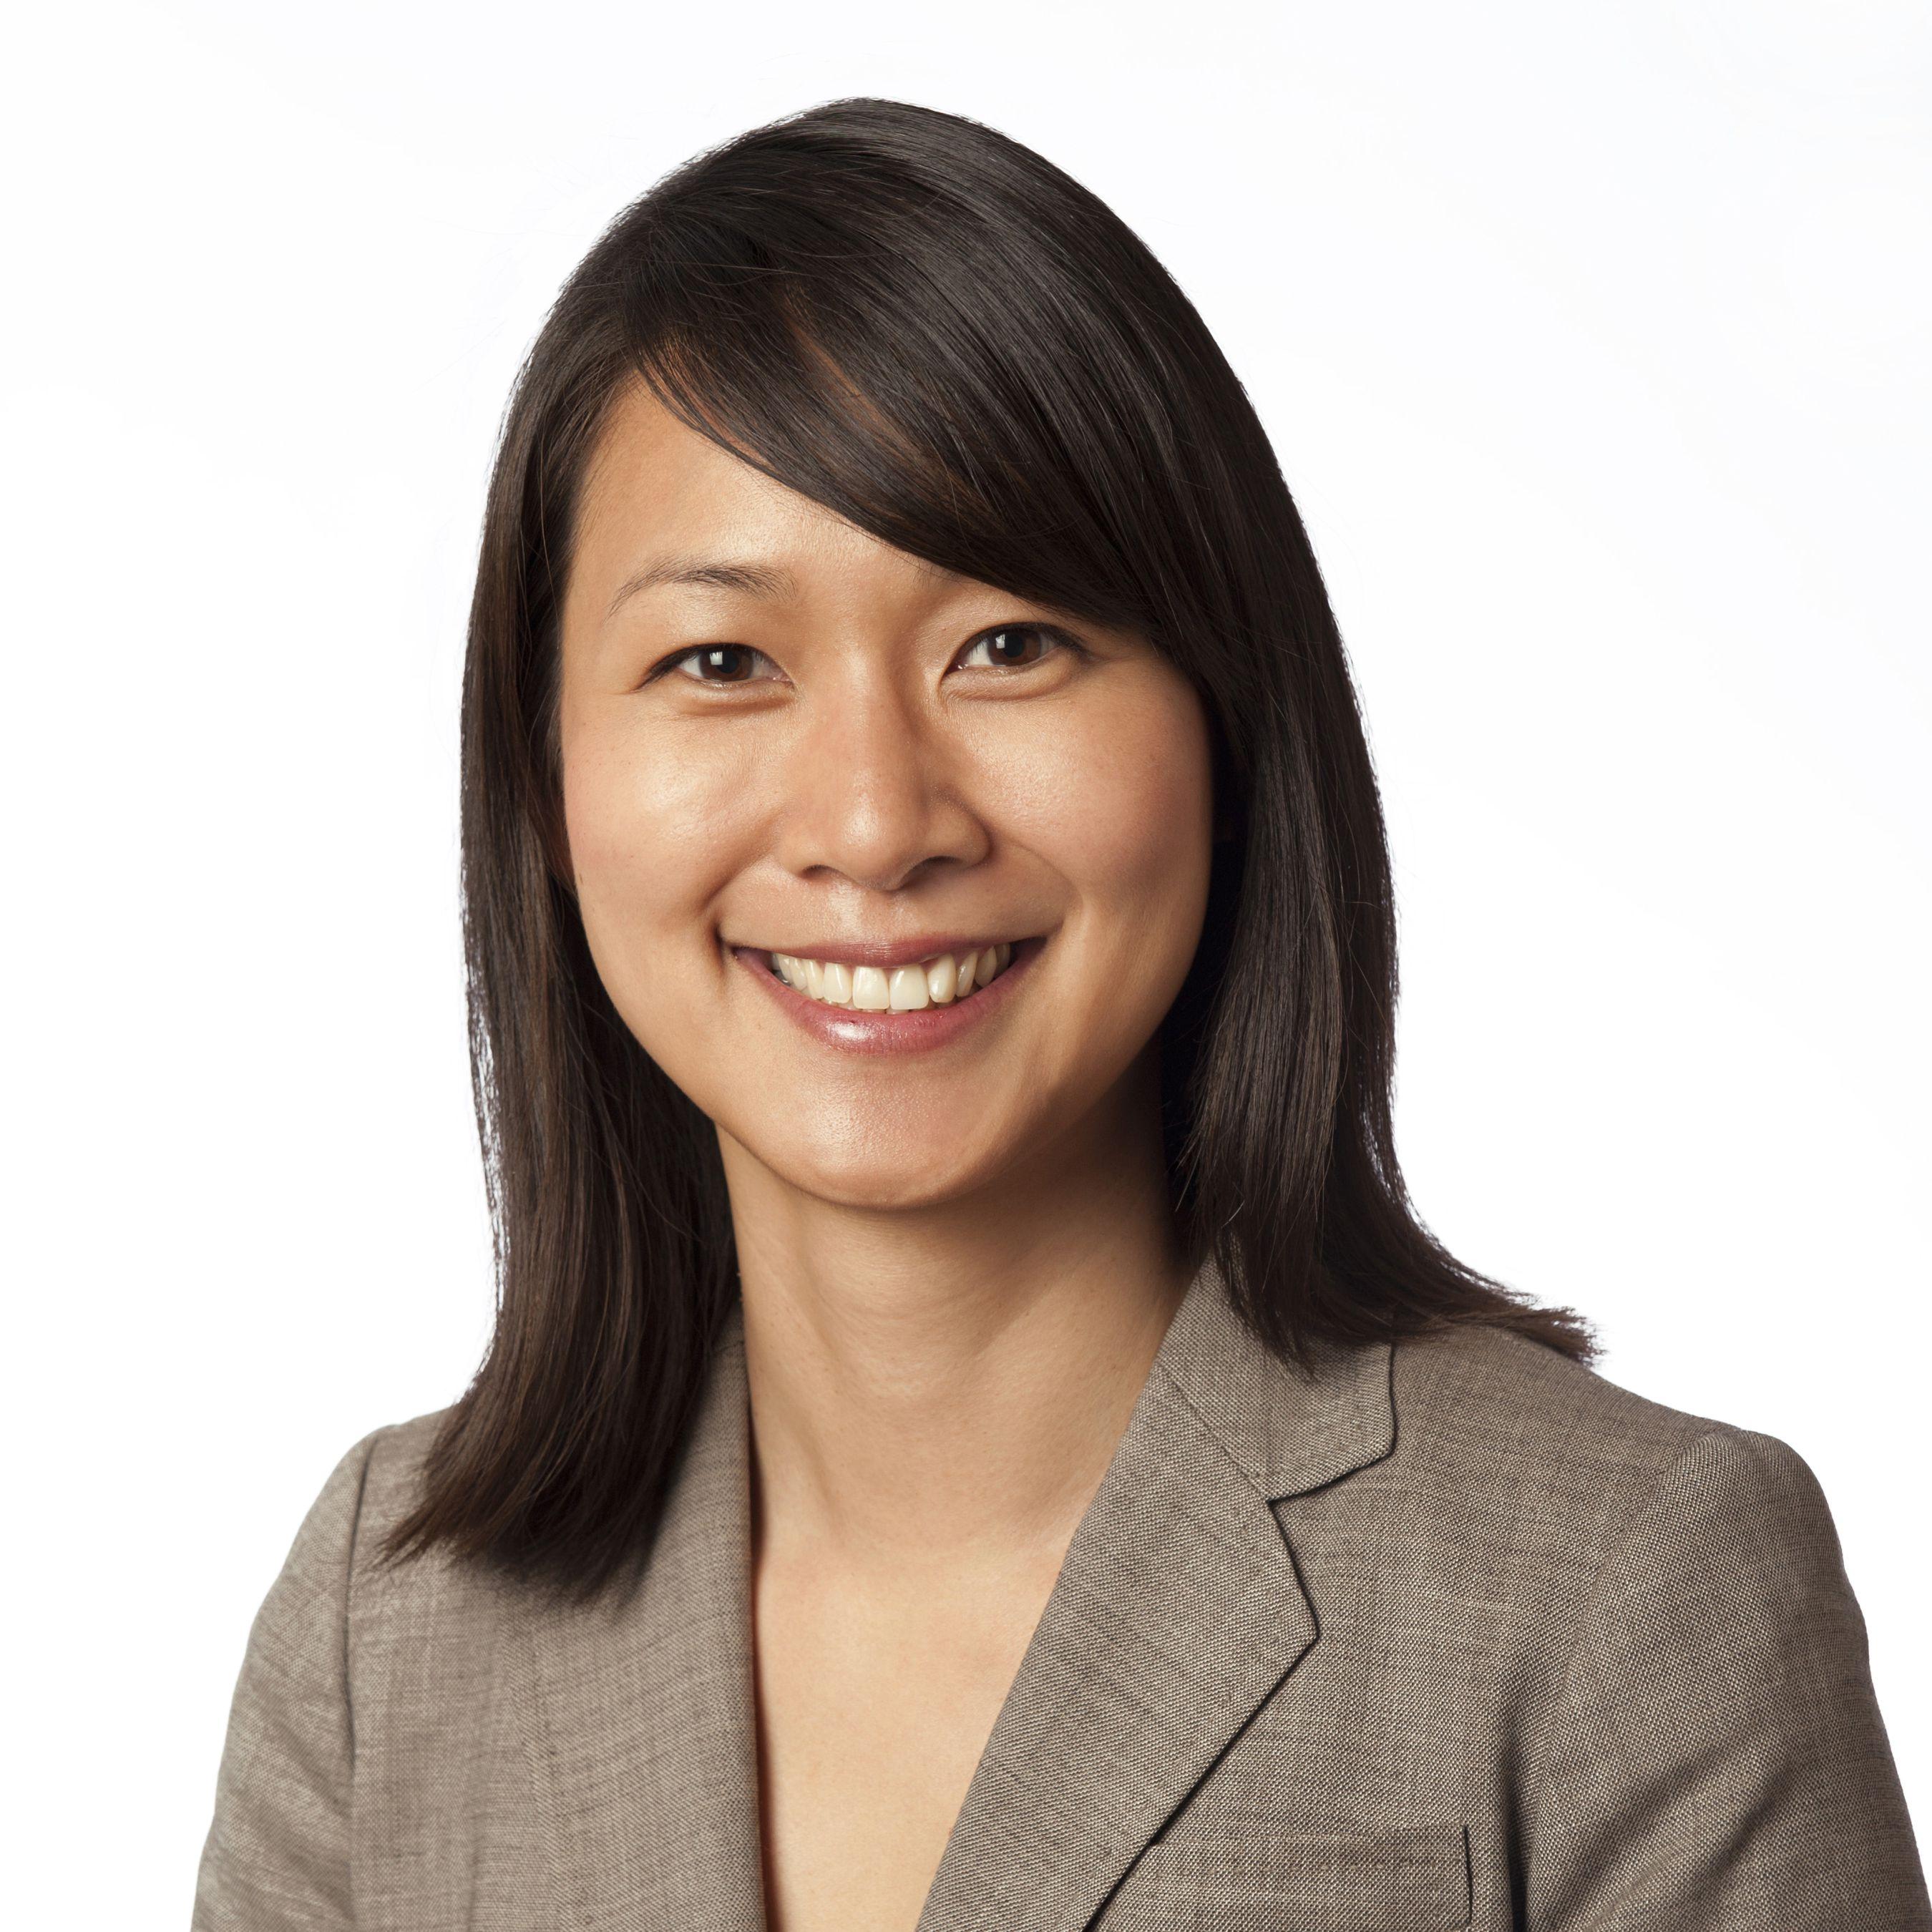 Jane Duong